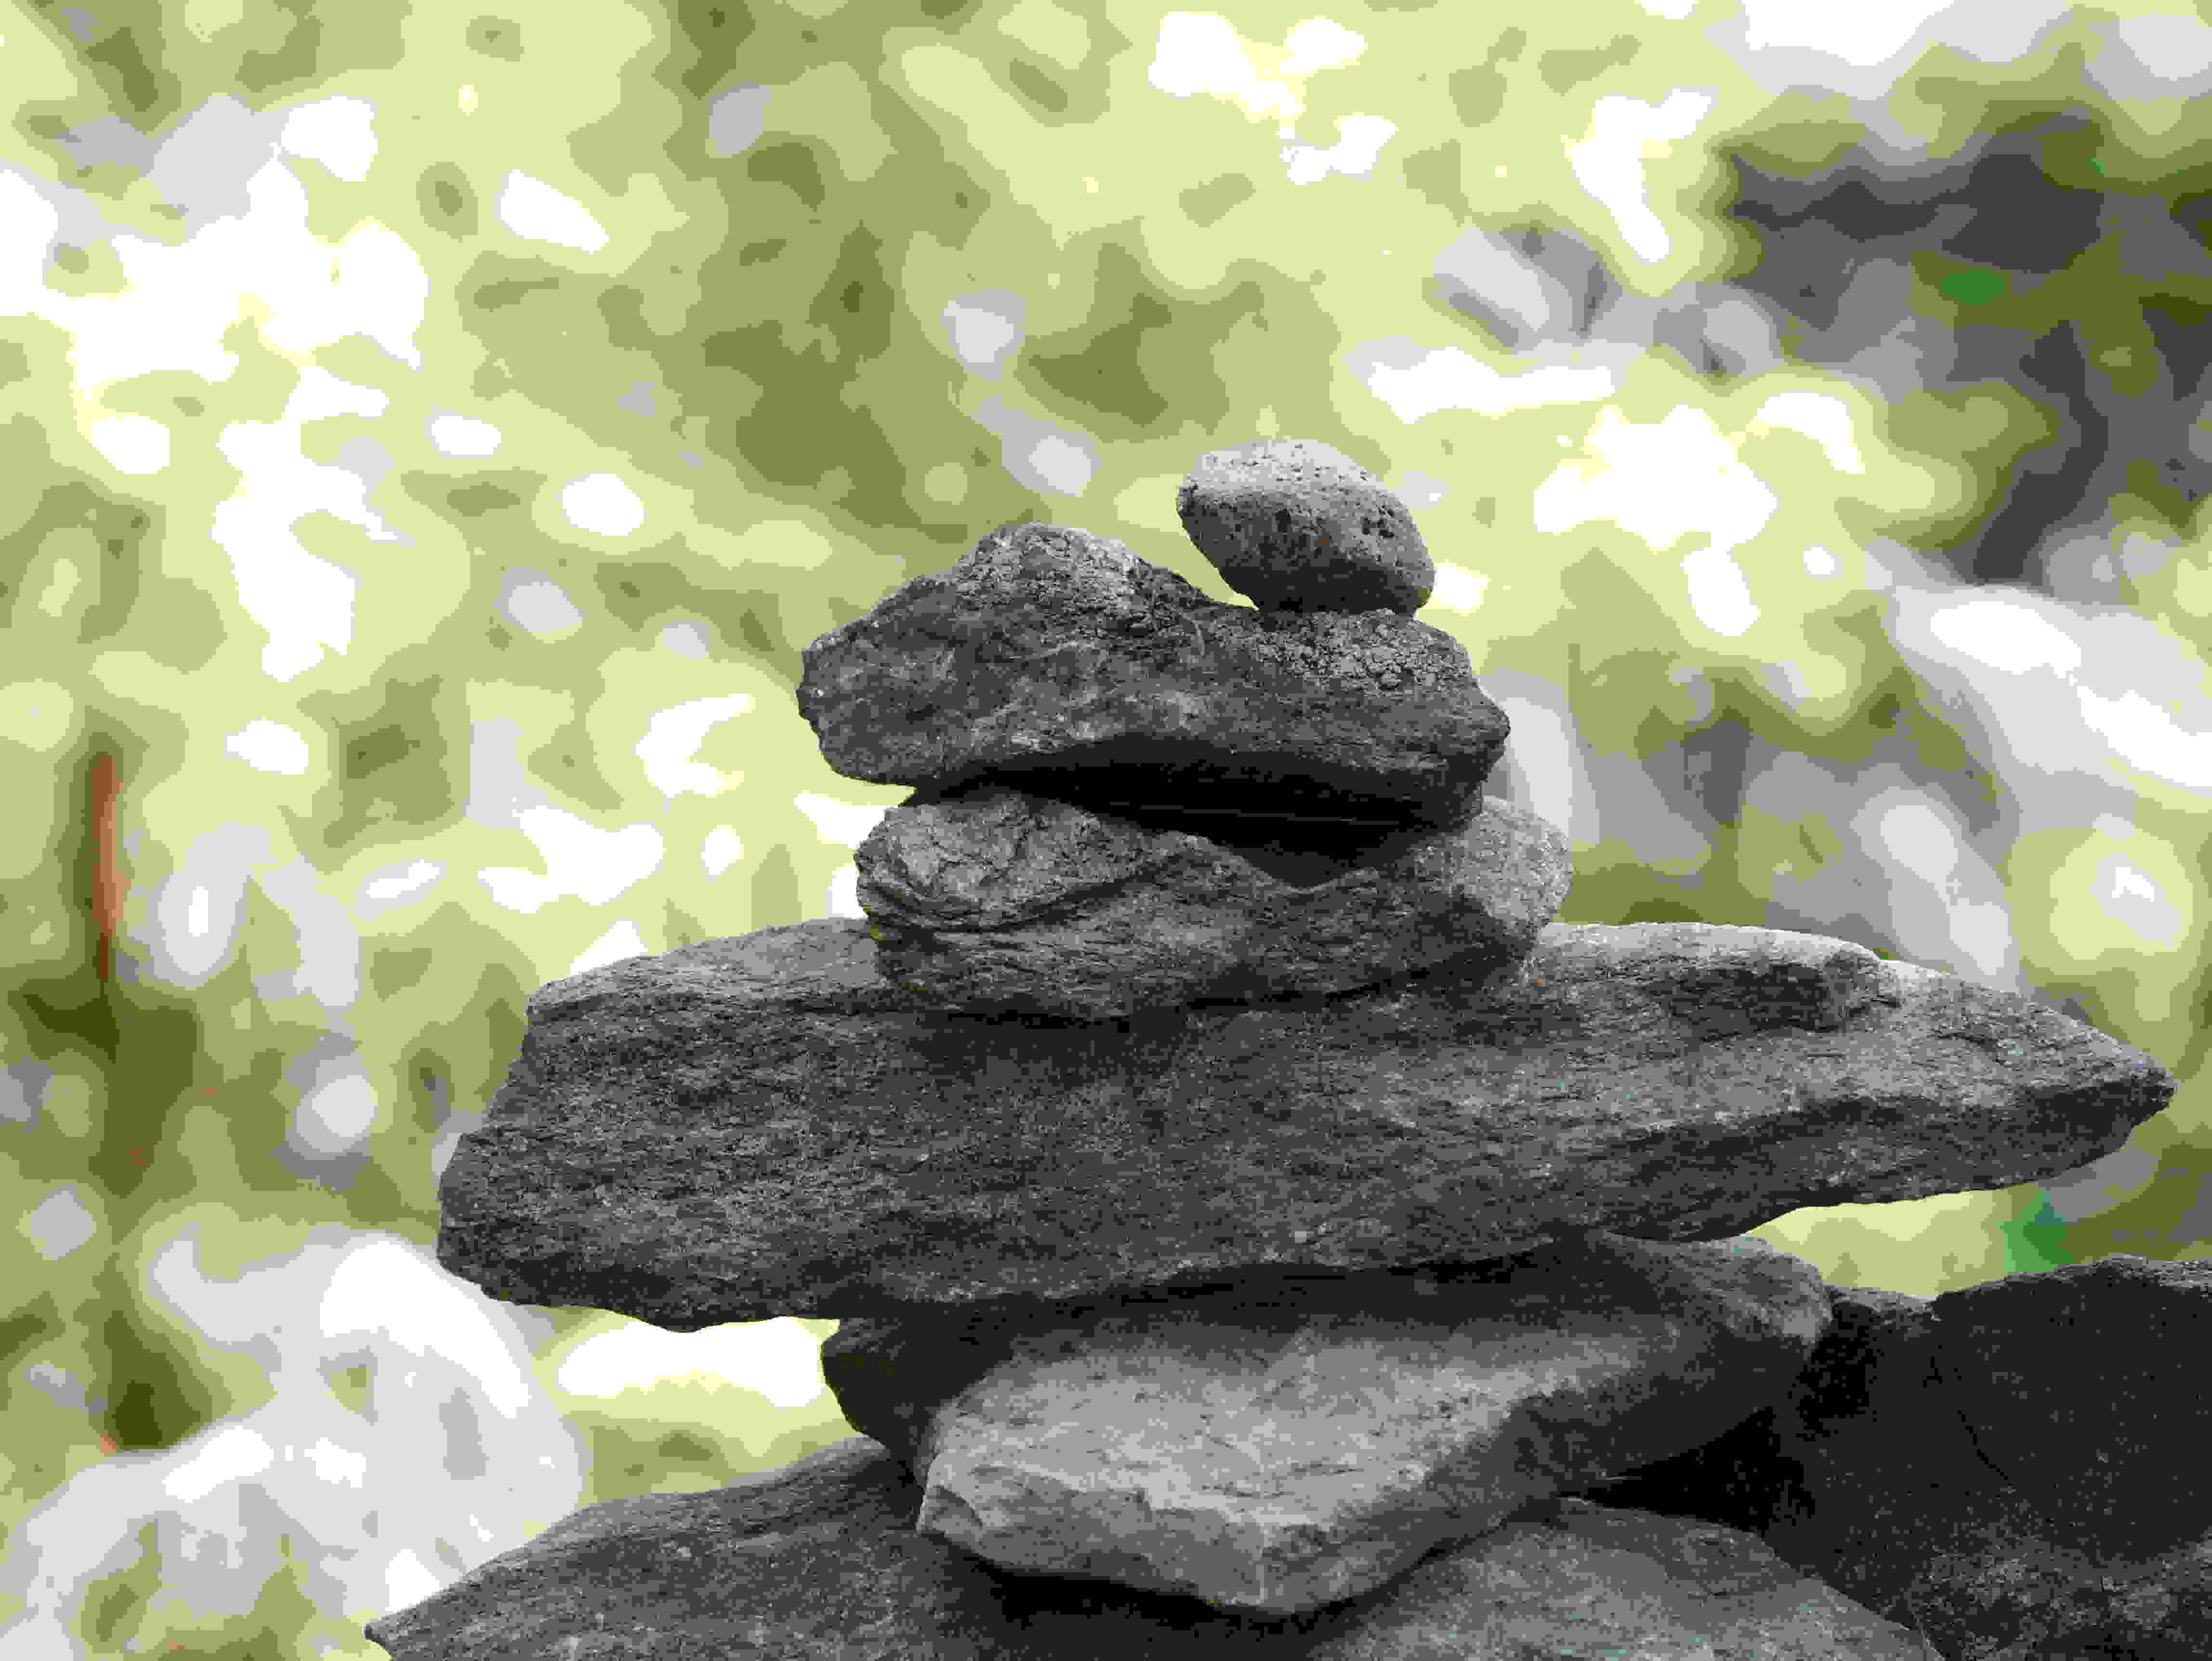 A photo taken by the Panasonic Lumix G7 of rocks.